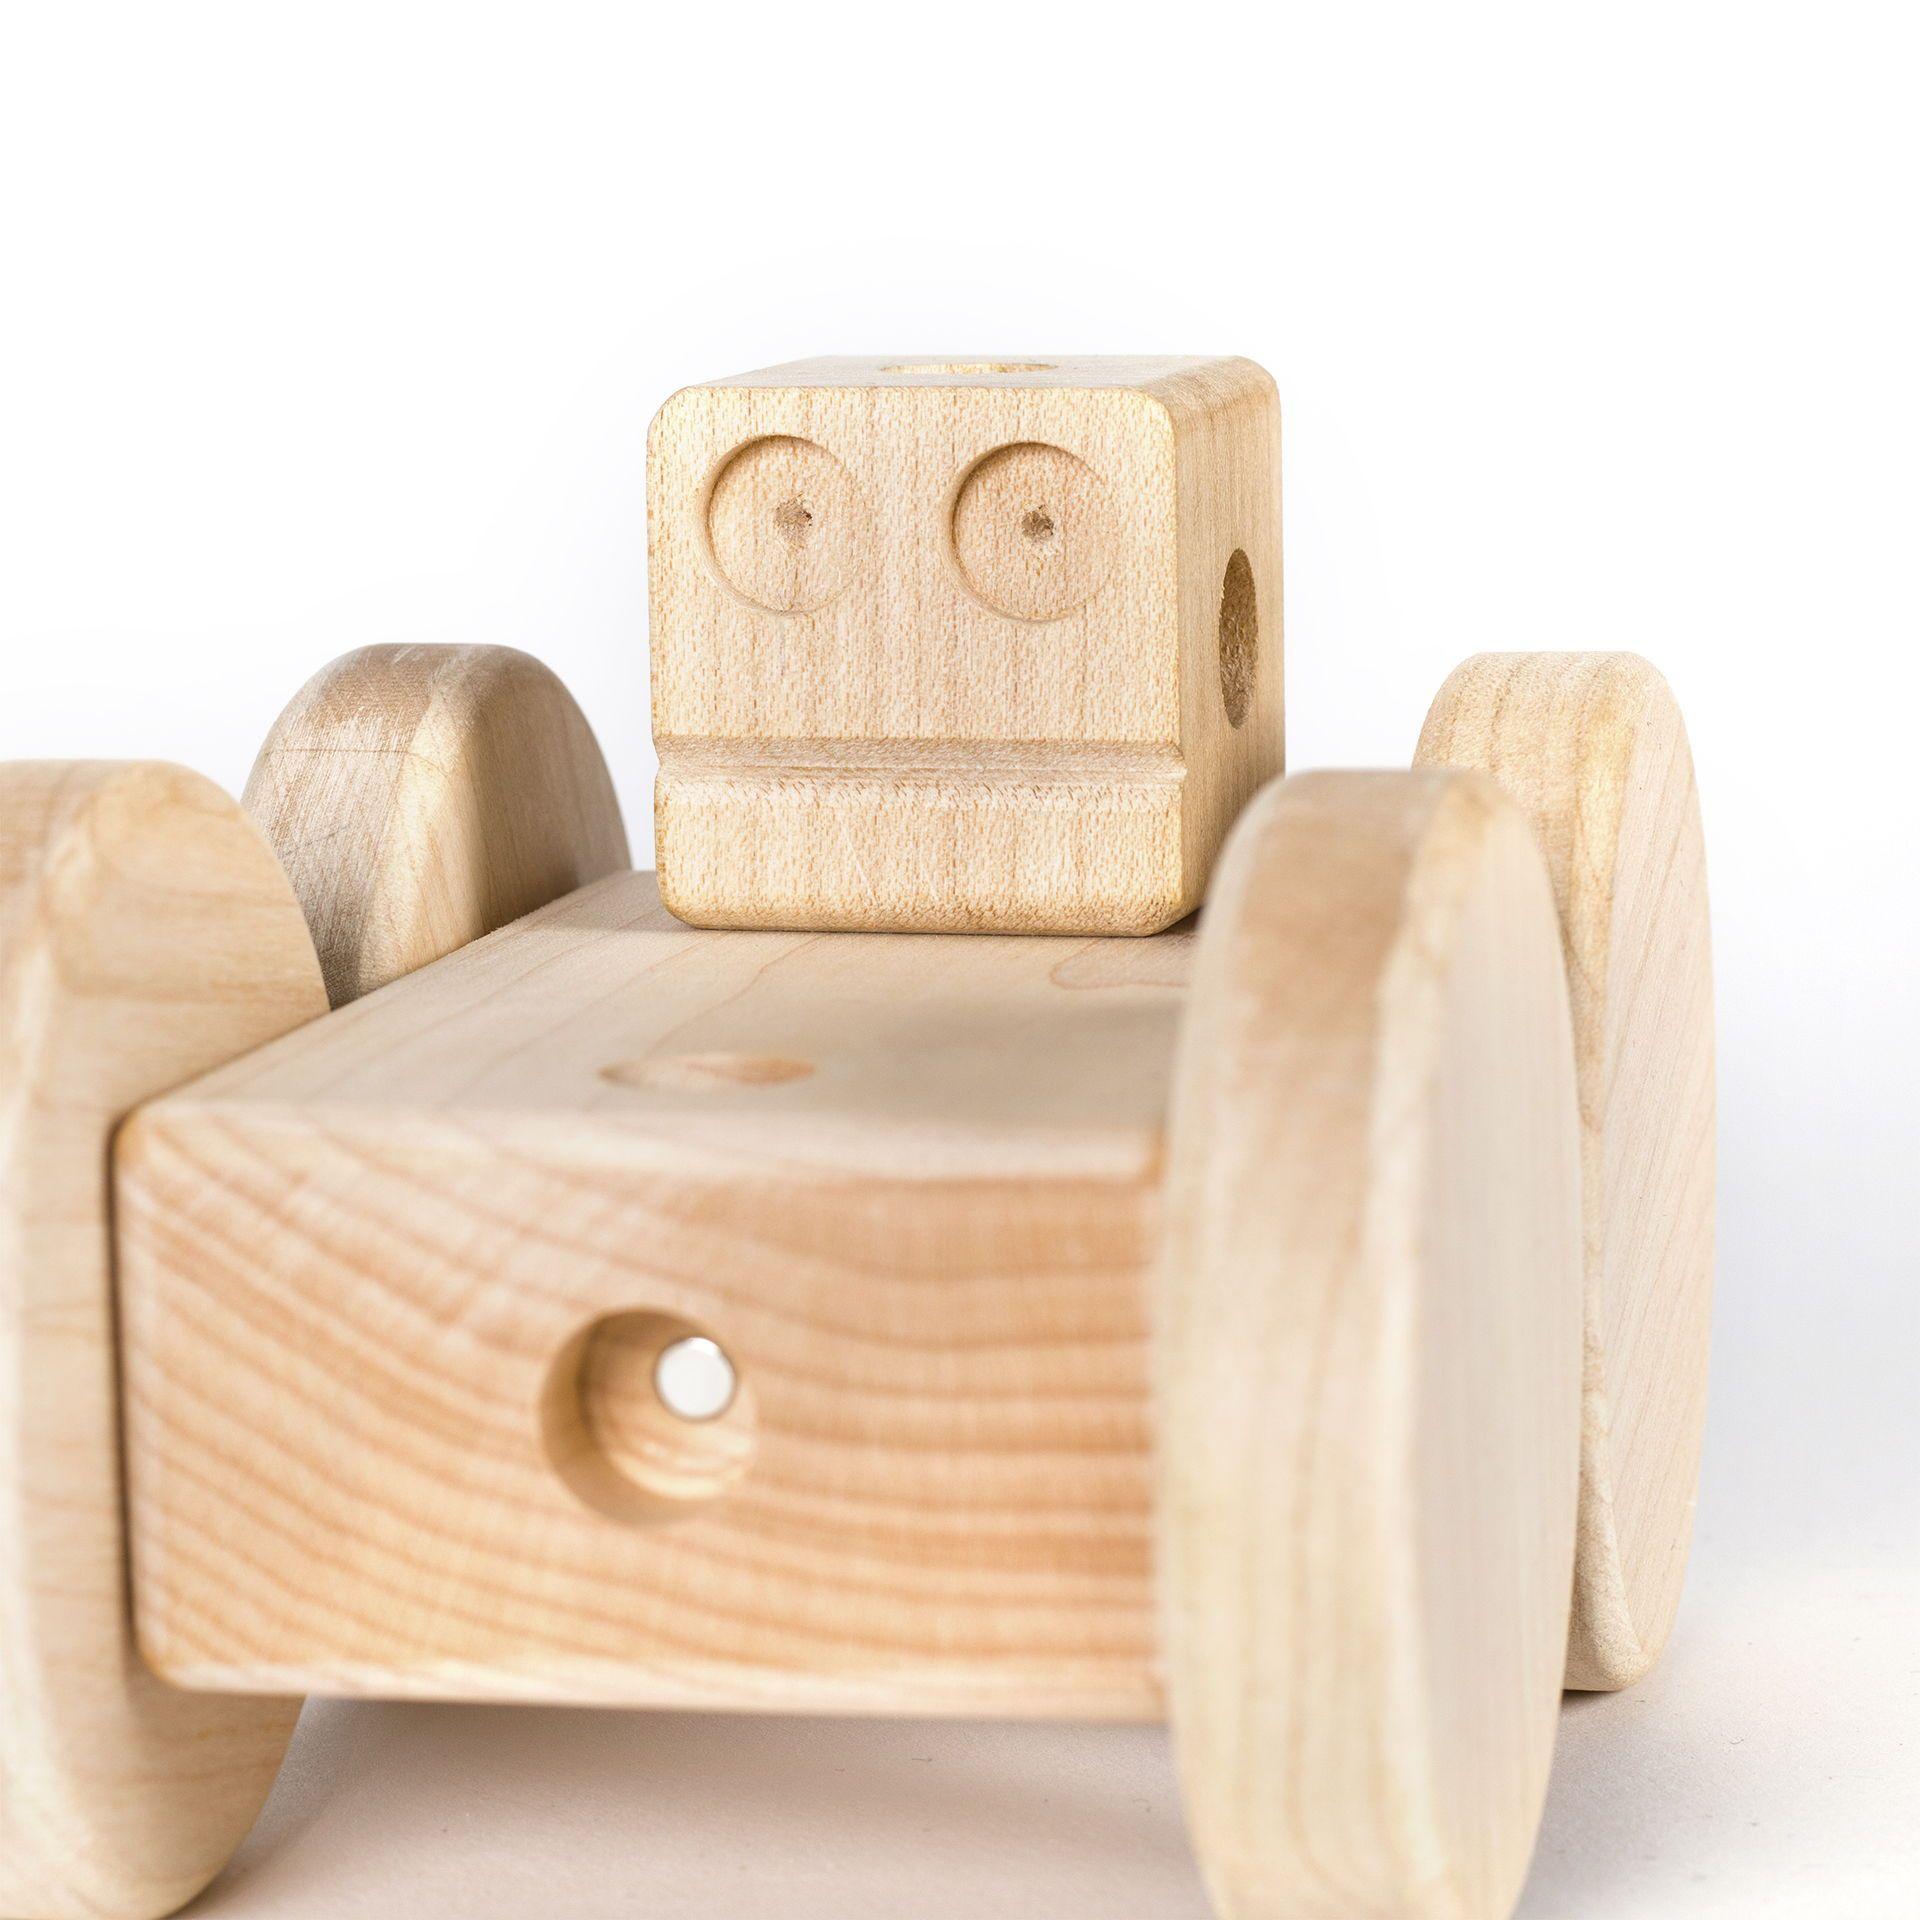 Kreatives Holzspielzeug Cubie Prototyp Von Daniel Anselment Entdecke Das Interview Mit Dem Spielzeug Designer Auf Afilii Ho